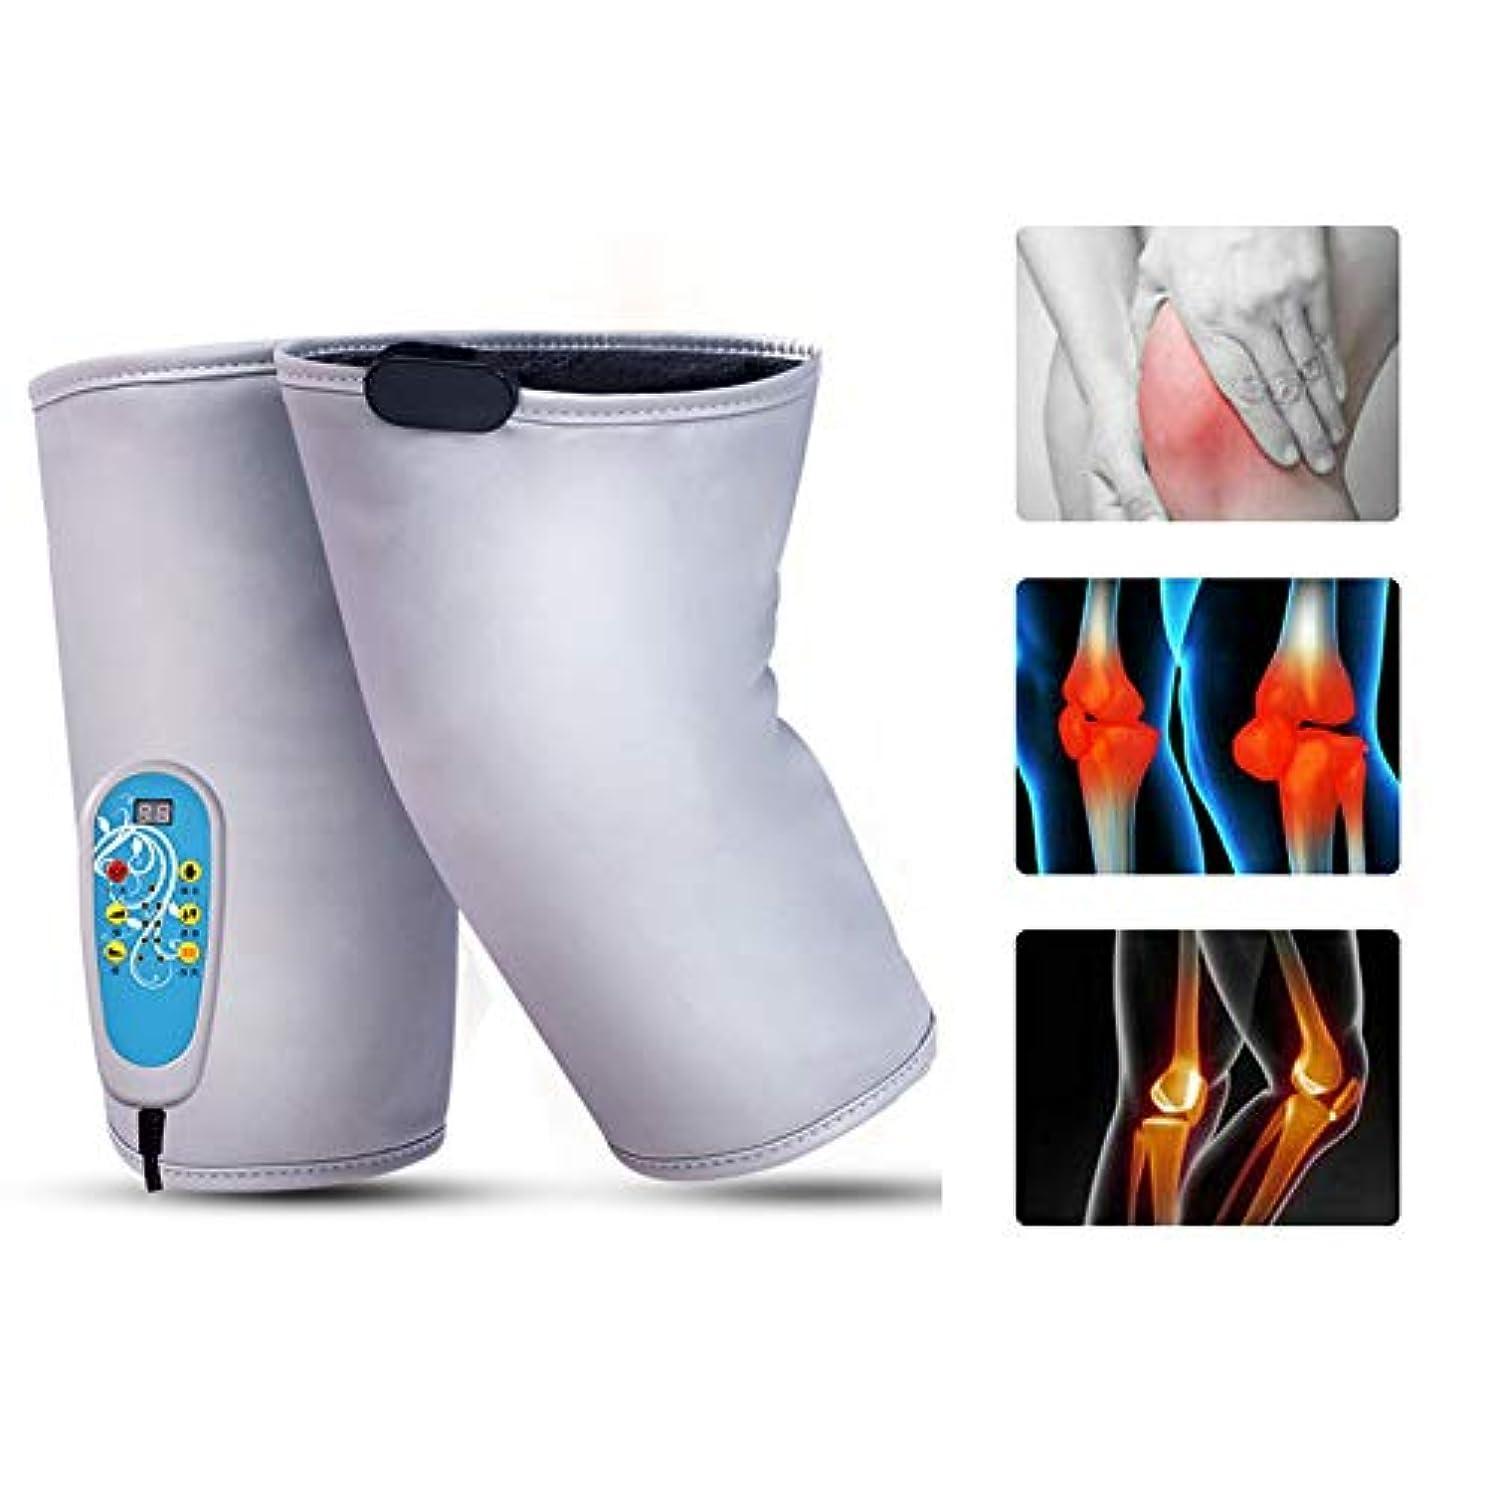 レイシャワー相対的ヒーティングニーブレース1ペア、9マッサージモード-加熱ニーパッド-痛みを軽減するためのセラピーサポートラップマッサージャー